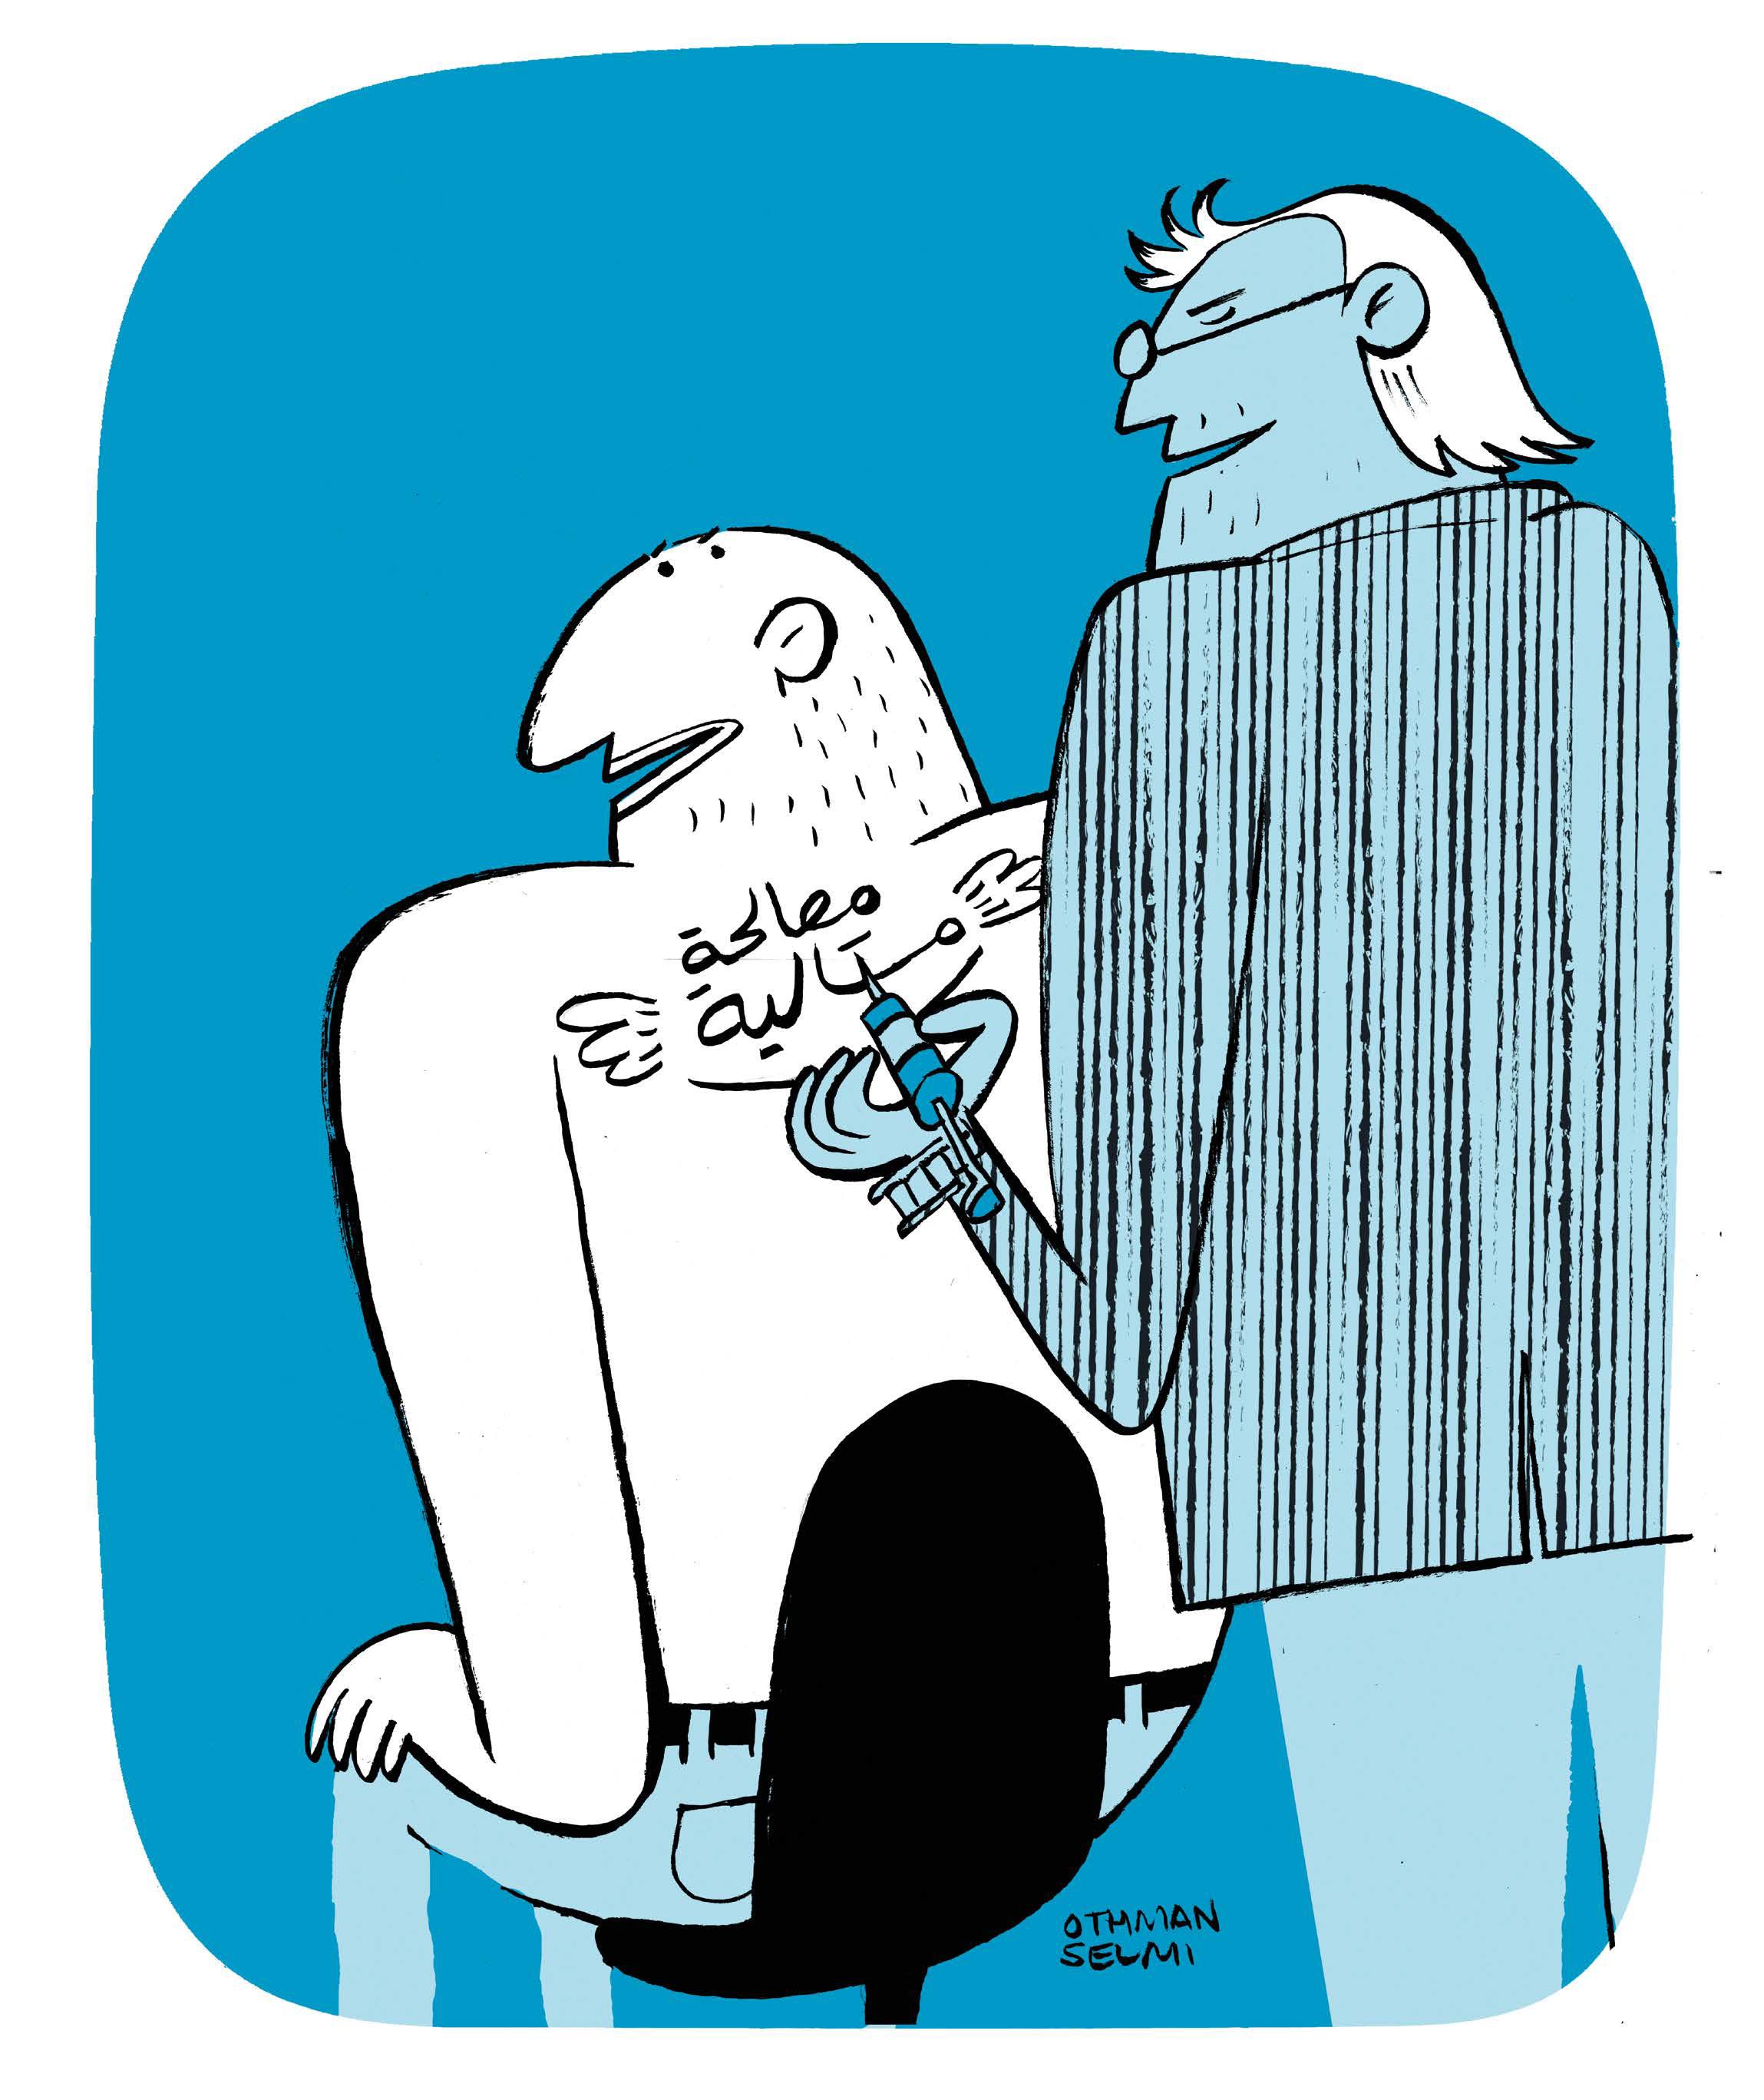 ملفات الفساد المالي ضمن منظومة العدالة الانتقالية: استحقاق ثوري مهدد بالإنكسار